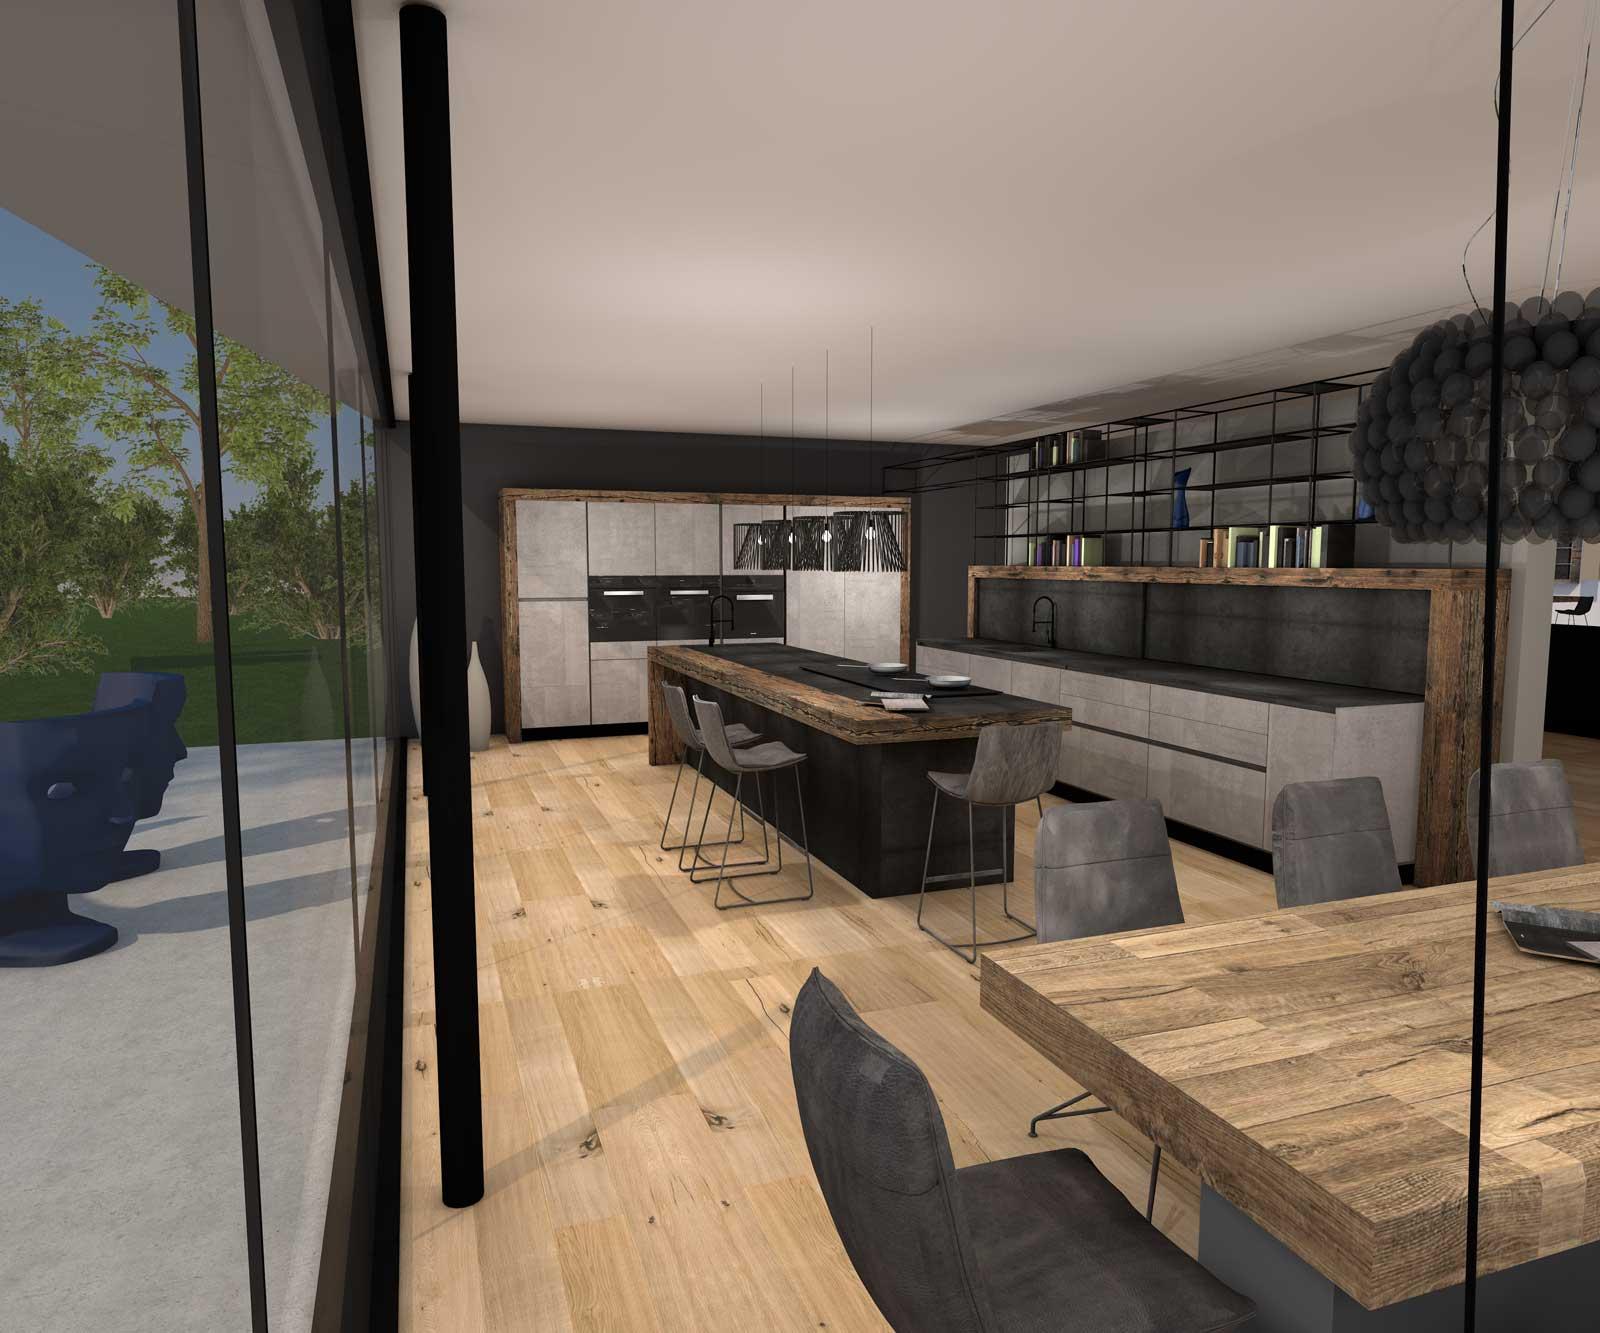 Full Size of Kleine Küche Planen Tipps Günstige Küche Planen Nobilia Küche Planen Küche Planen Software Kostenlos Küche Küche Planen